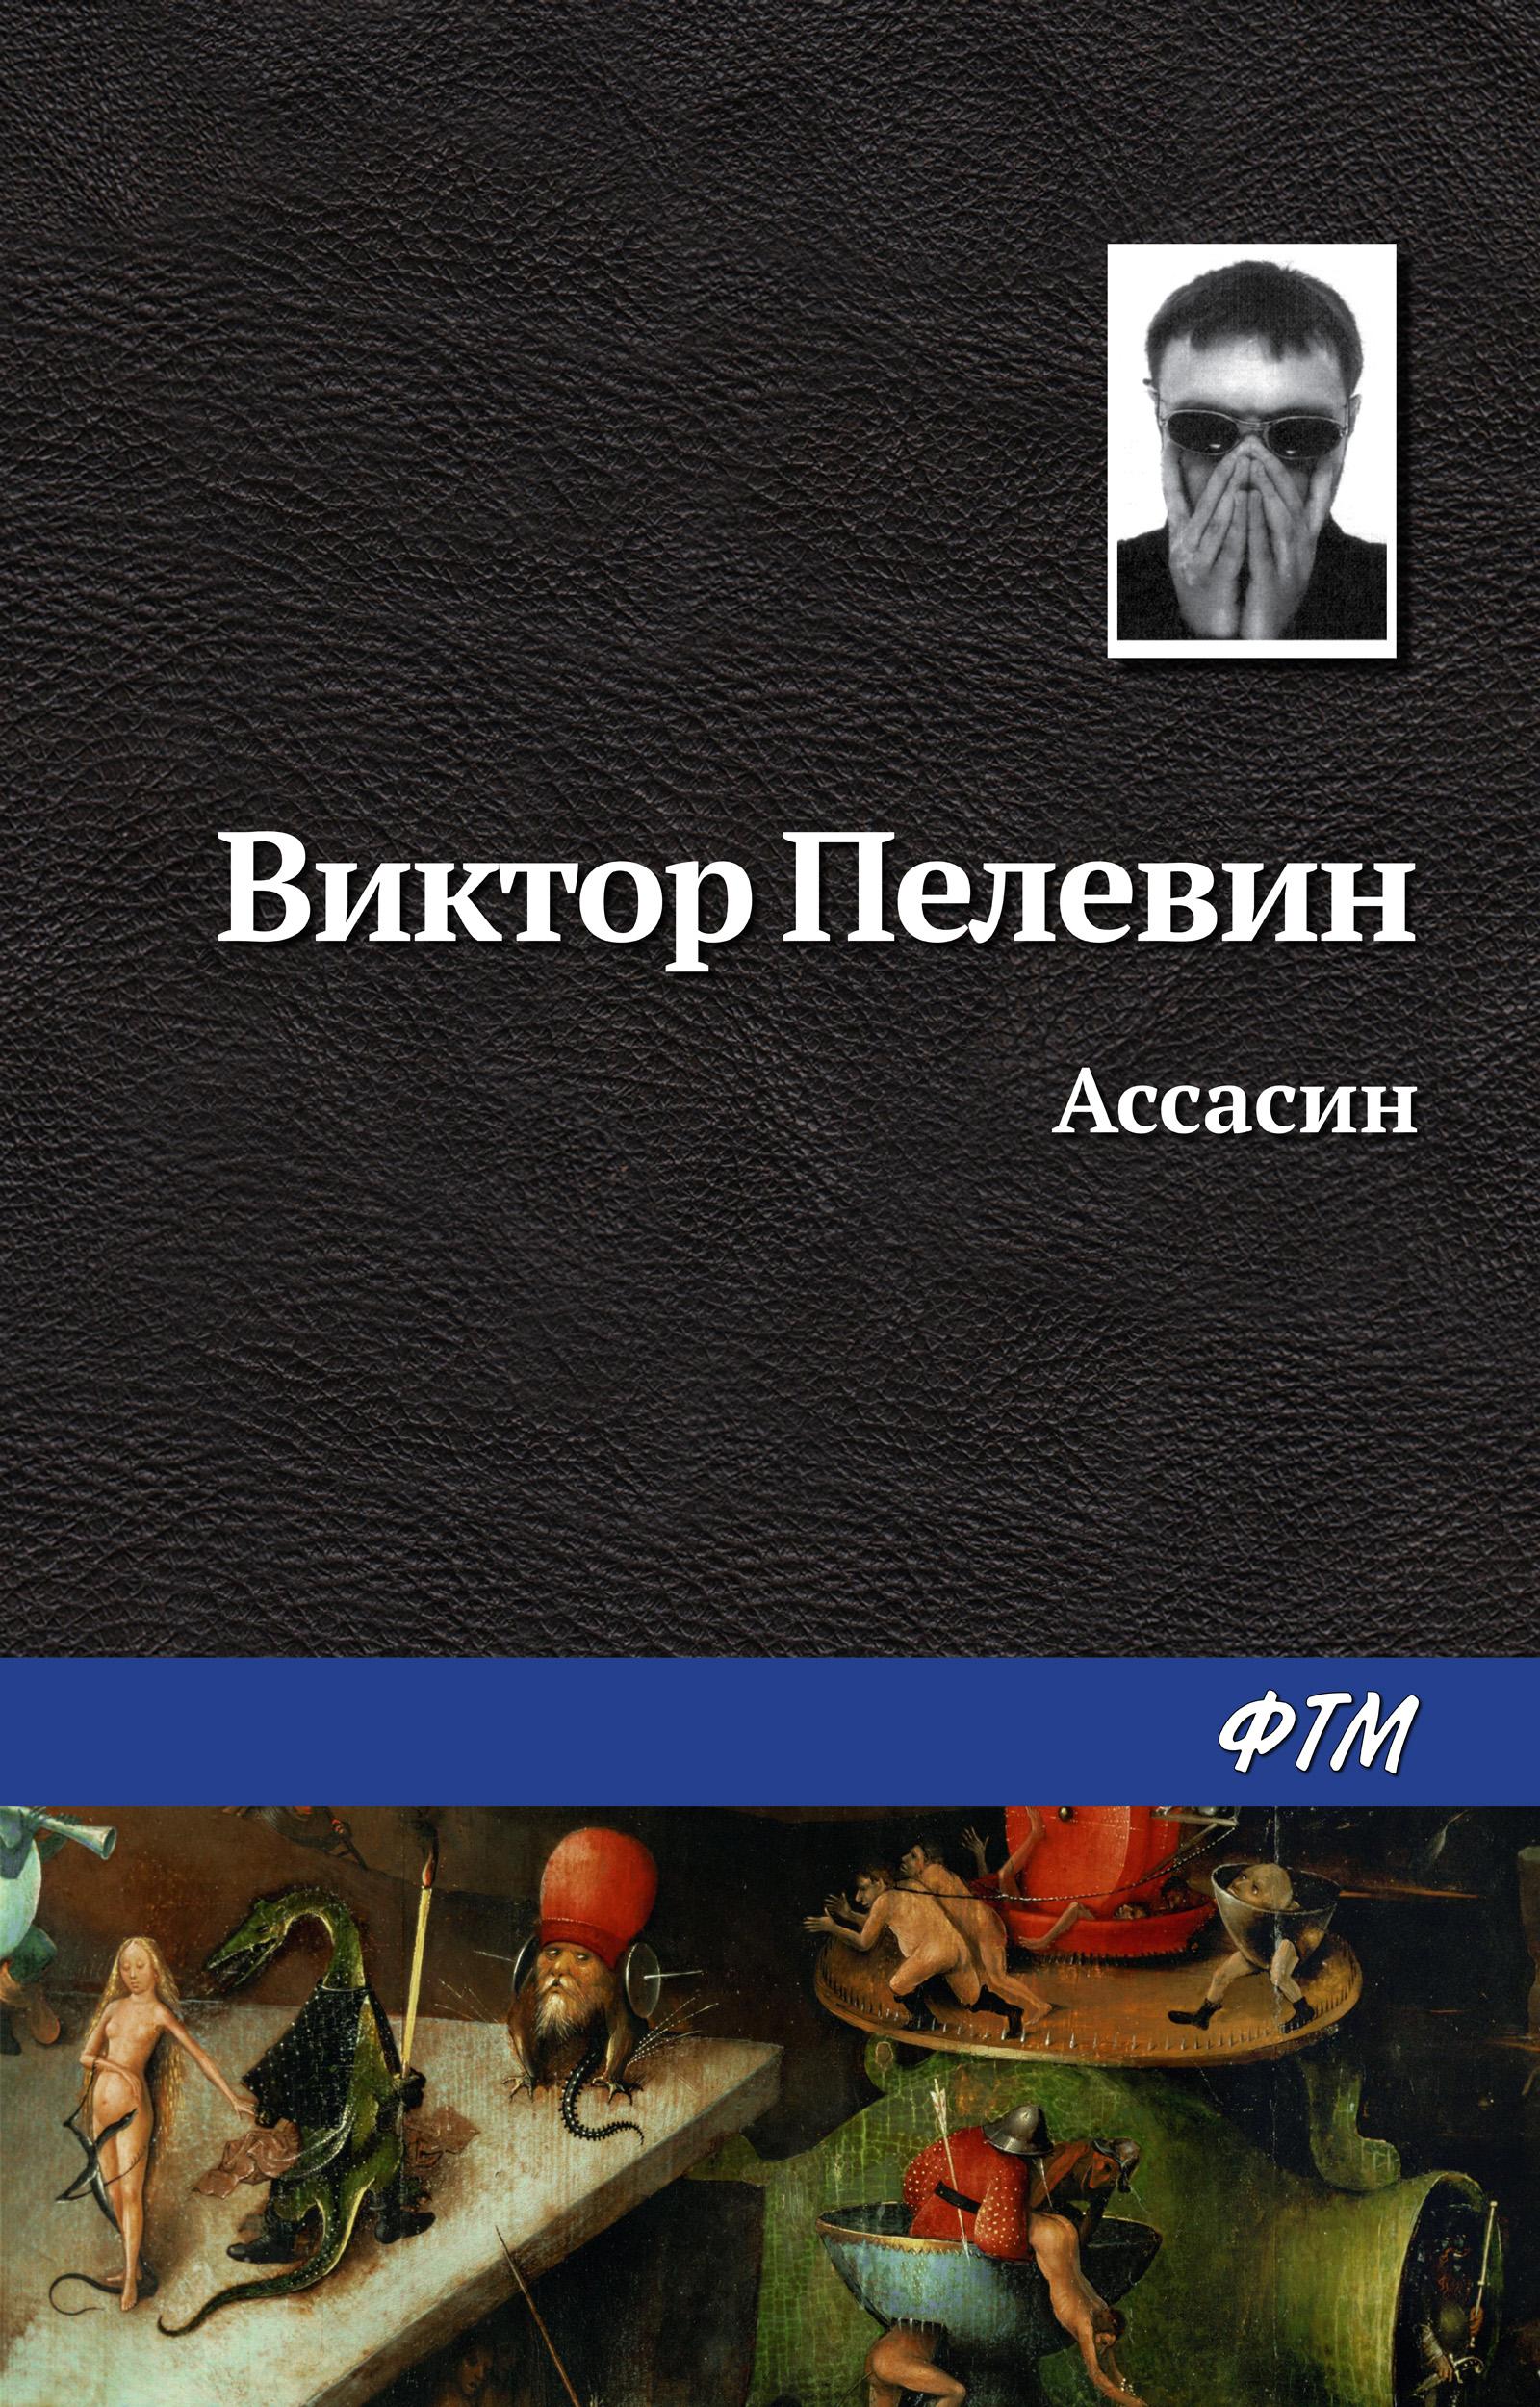 Виктор Пелевин Ассасин виктор пелевин виктор пелевин истории и рассказы